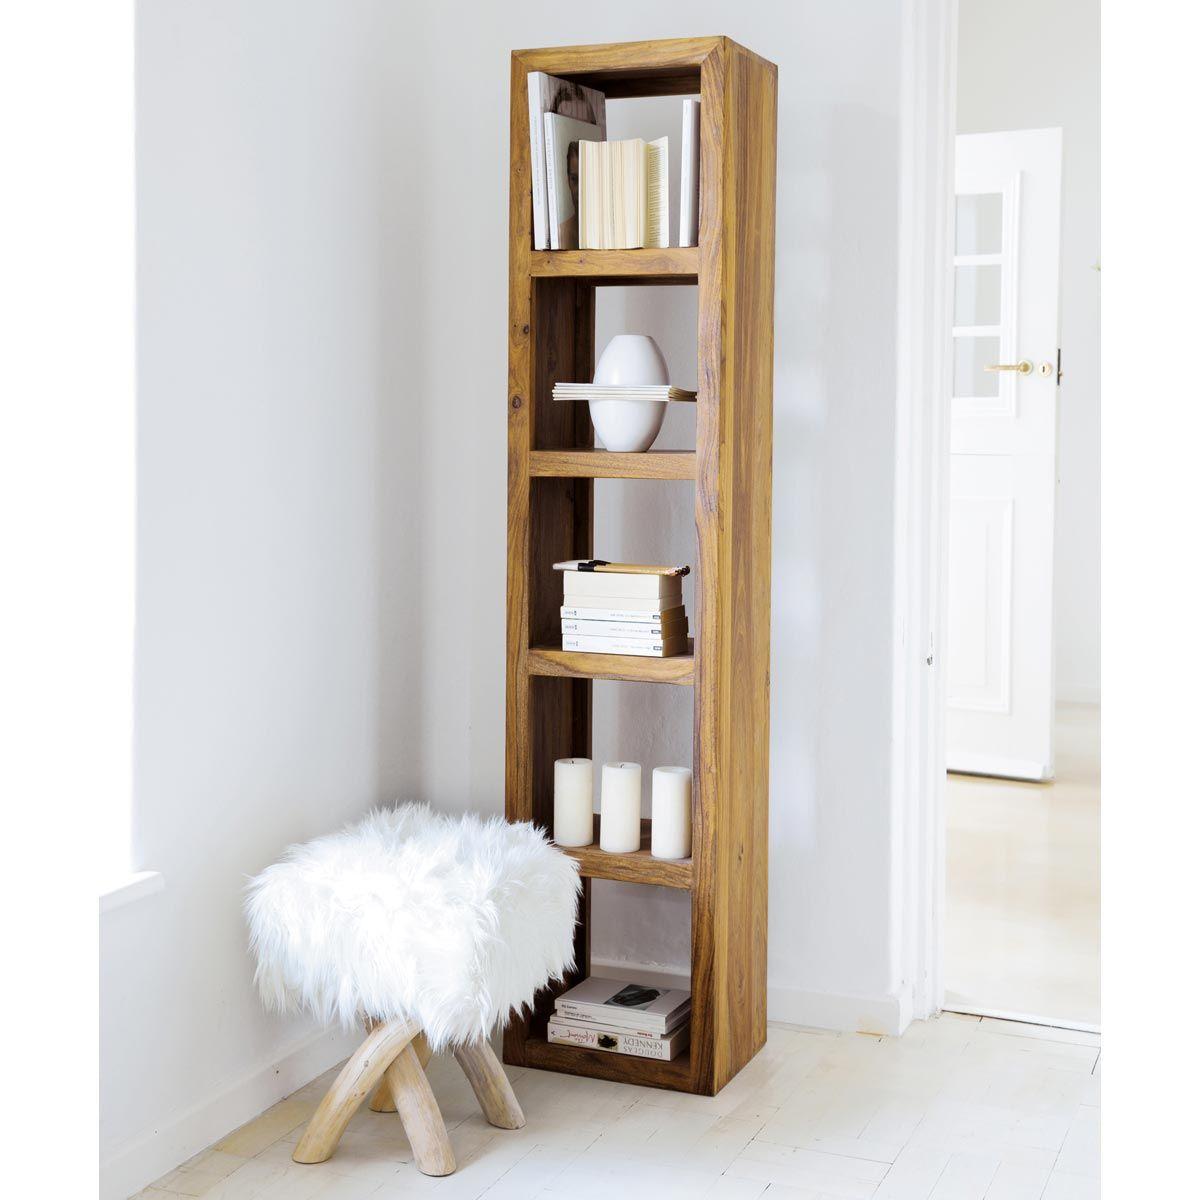 colonne de rangement 4 tagres stockholm sur maisons du monde dcouvrez tous les meubles et objets de dcoration pour la chambre de vos enfants ou de bb